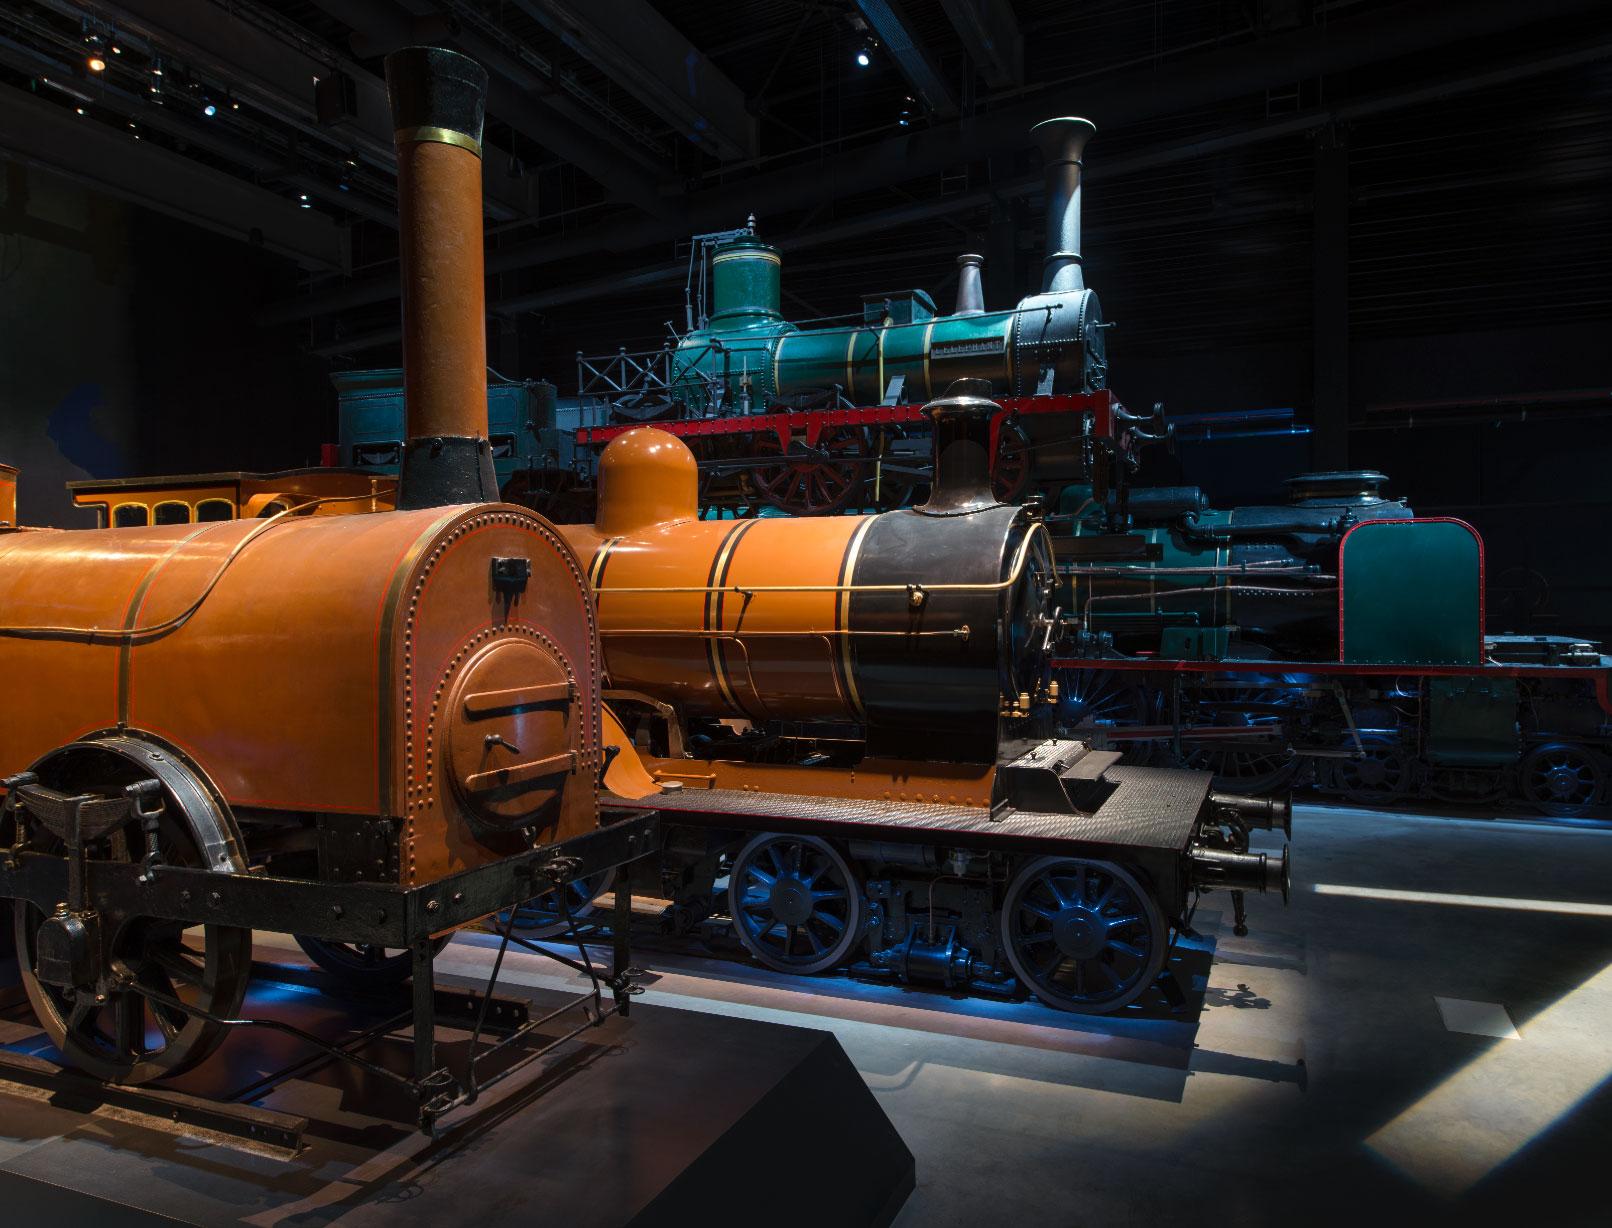 Train World - Le siècle de la vapeur © Marie-Françoise Plissart